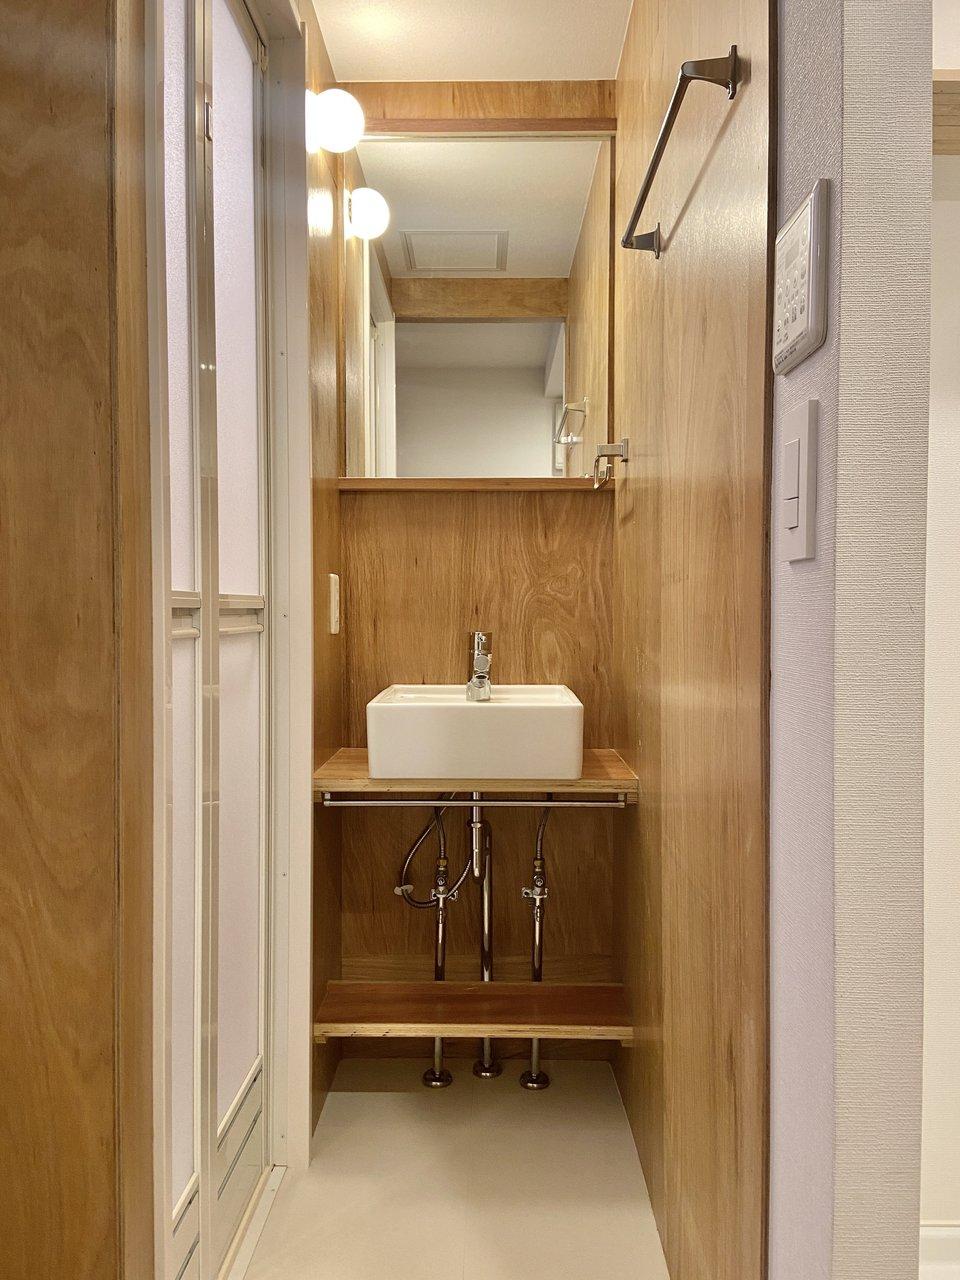 注目していただきたいのが玄関横にある洗面室。帰宅後はもちろん、メンテナンスやお掃除の際に、すぐ手を洗えるのはポイント高いです。